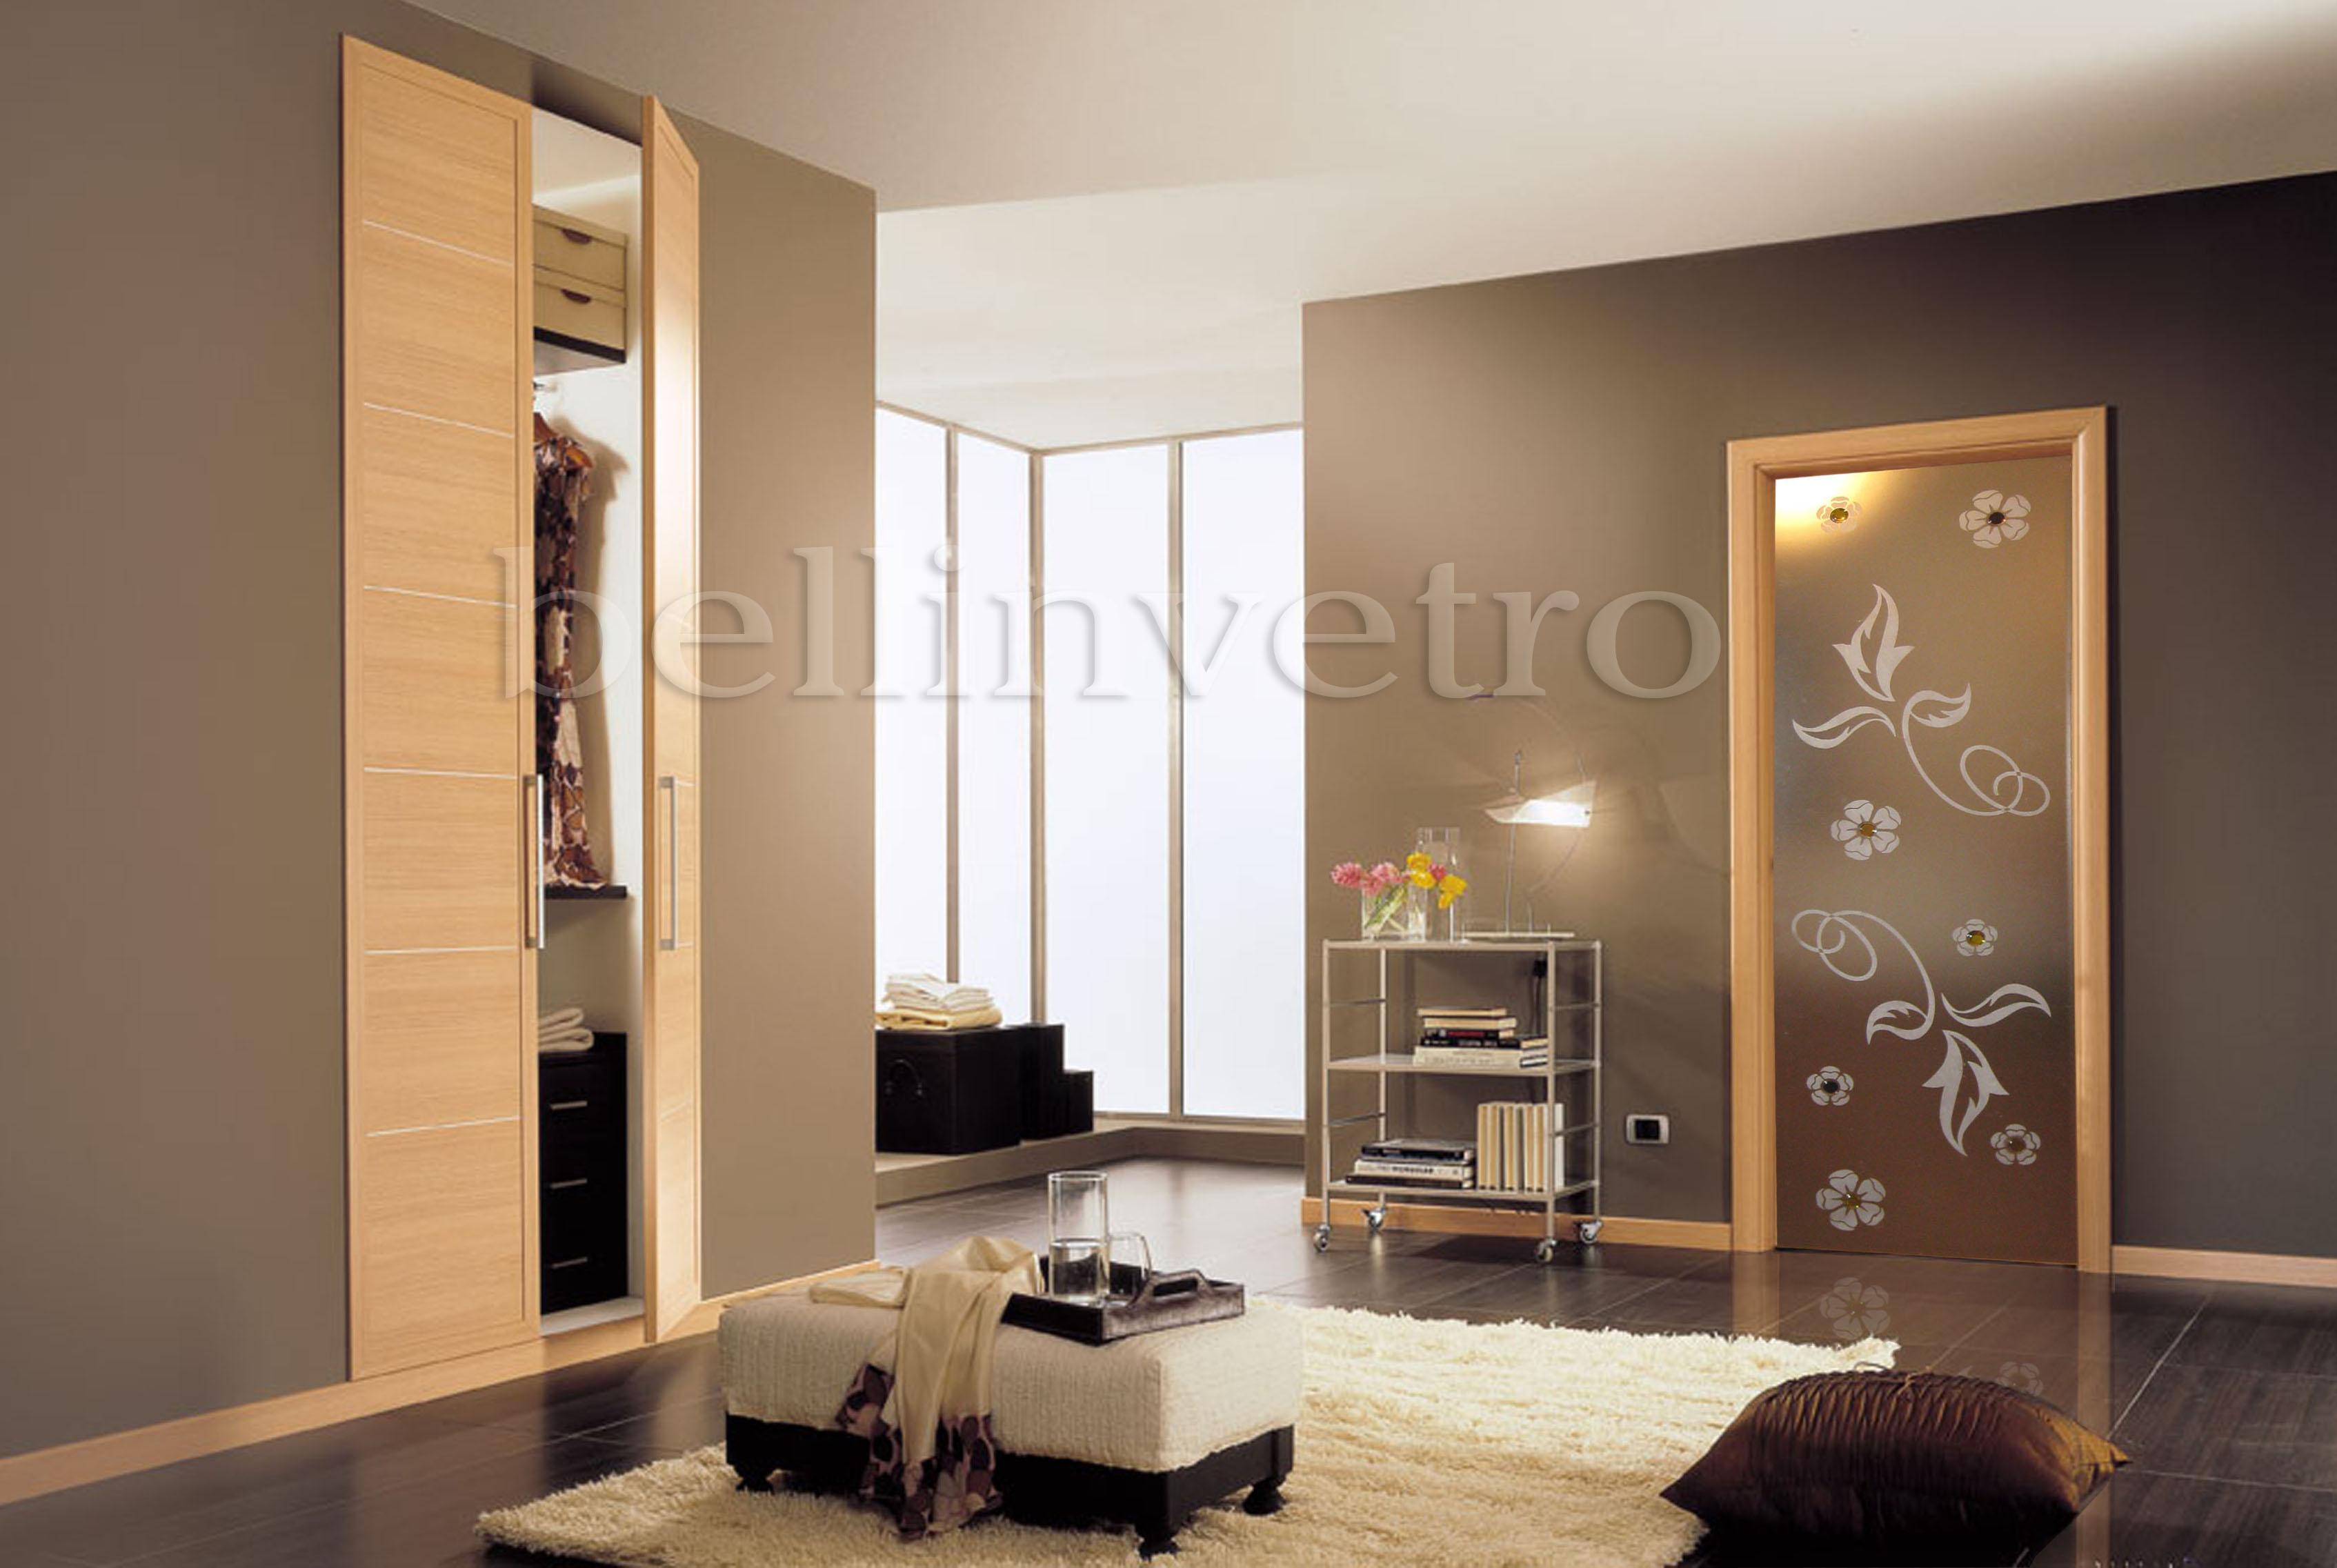 porte in vetro decorate per interni scorrevoli a. Black Bedroom Furniture Sets. Home Design Ideas